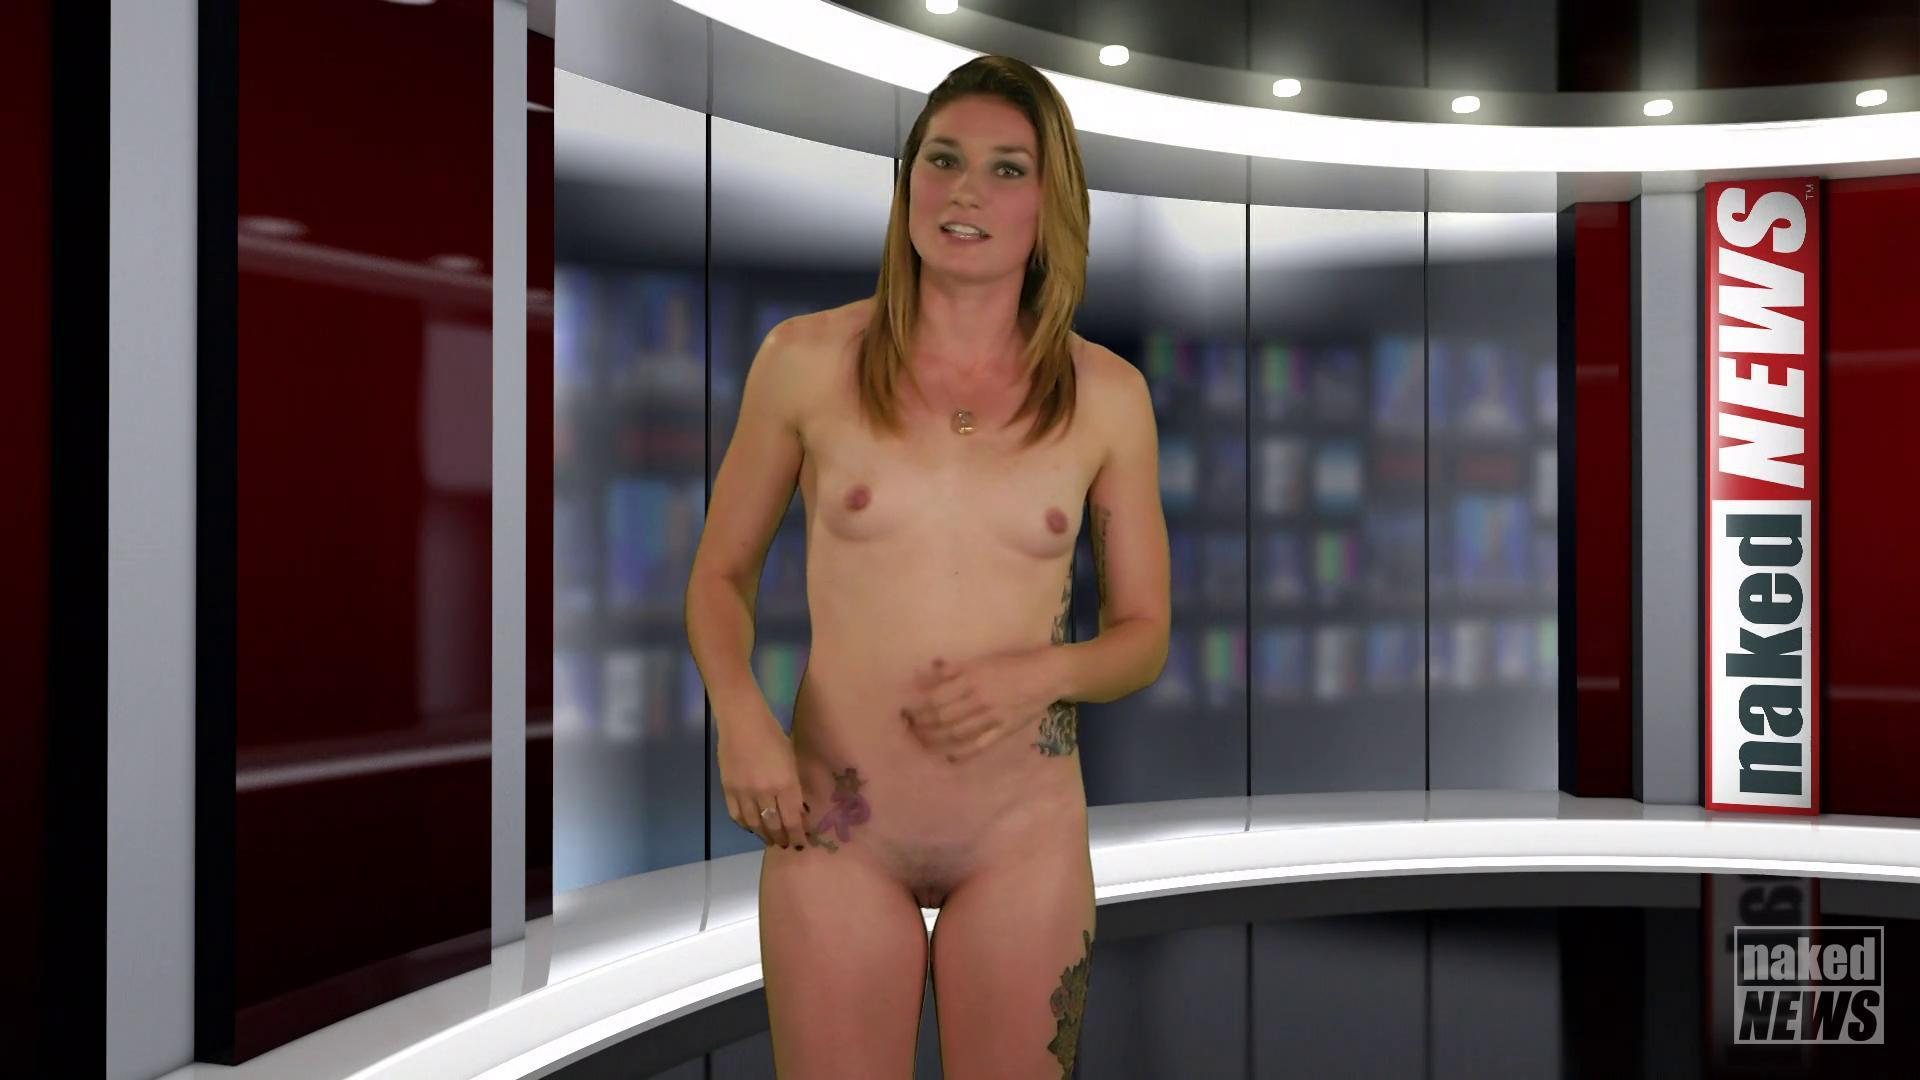 Naked Newsreader On Hong Kong Television